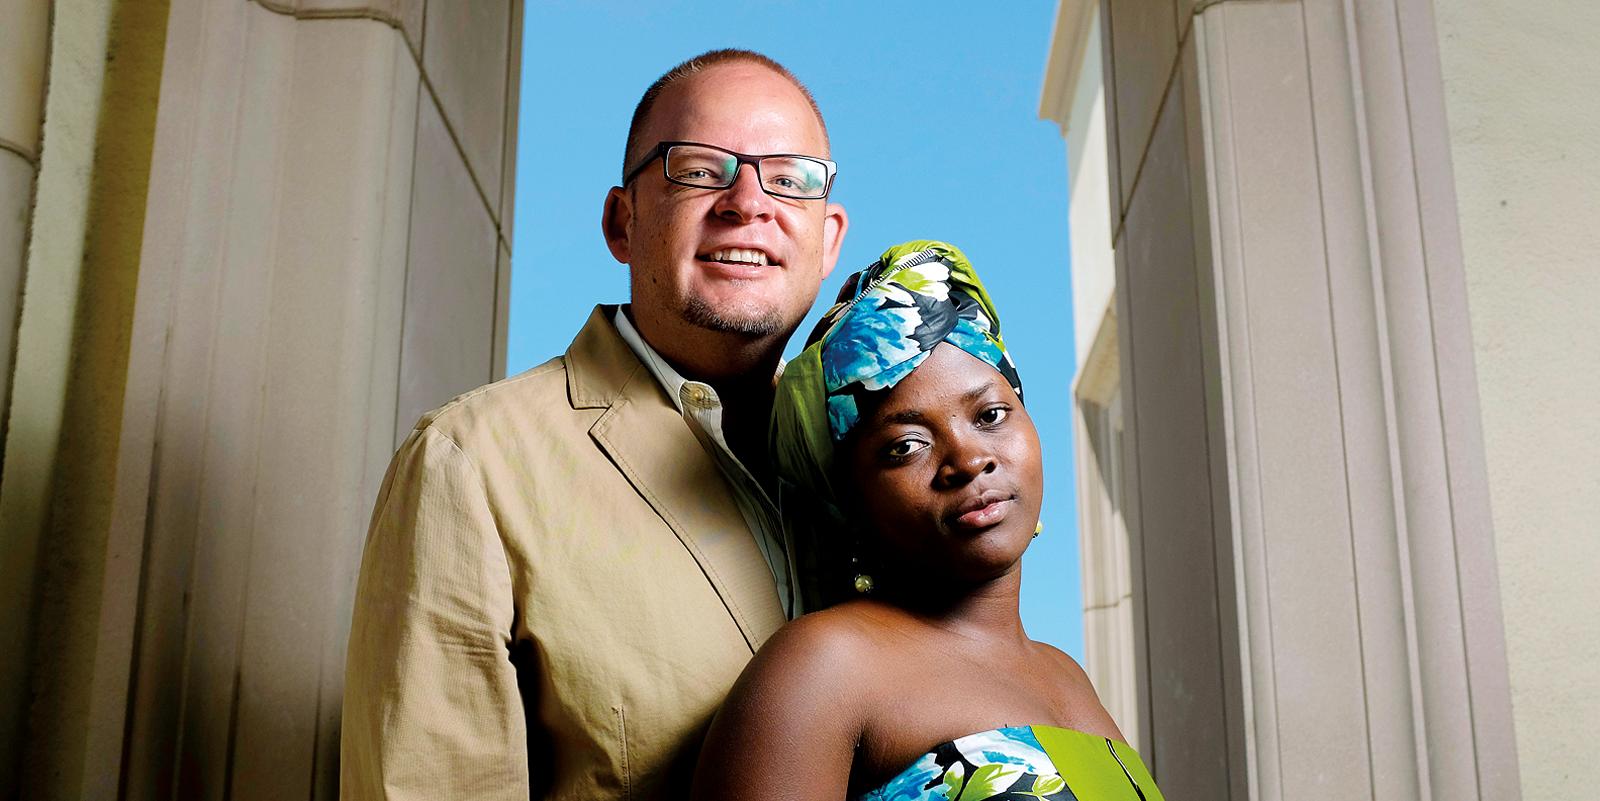 Nathaniel Dunigan and Dorah Wanyana Dunigan